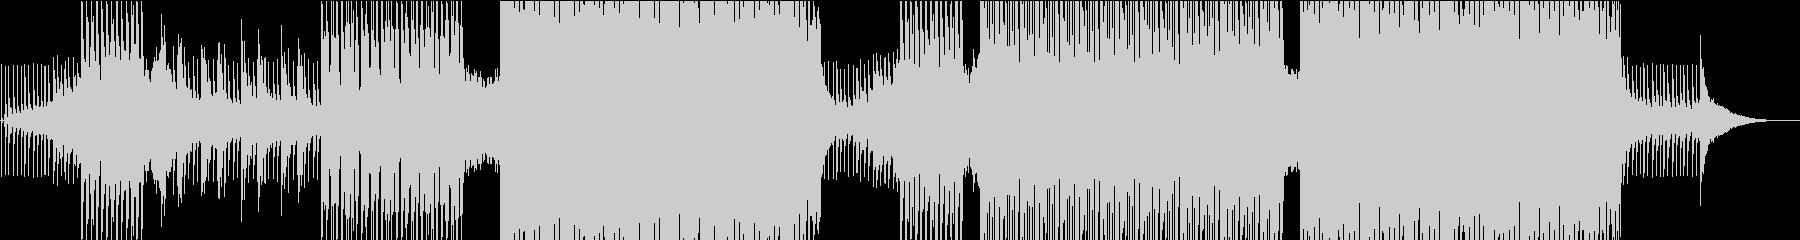 トロピカル調の優しくゆったりしたEDMの未再生の波形